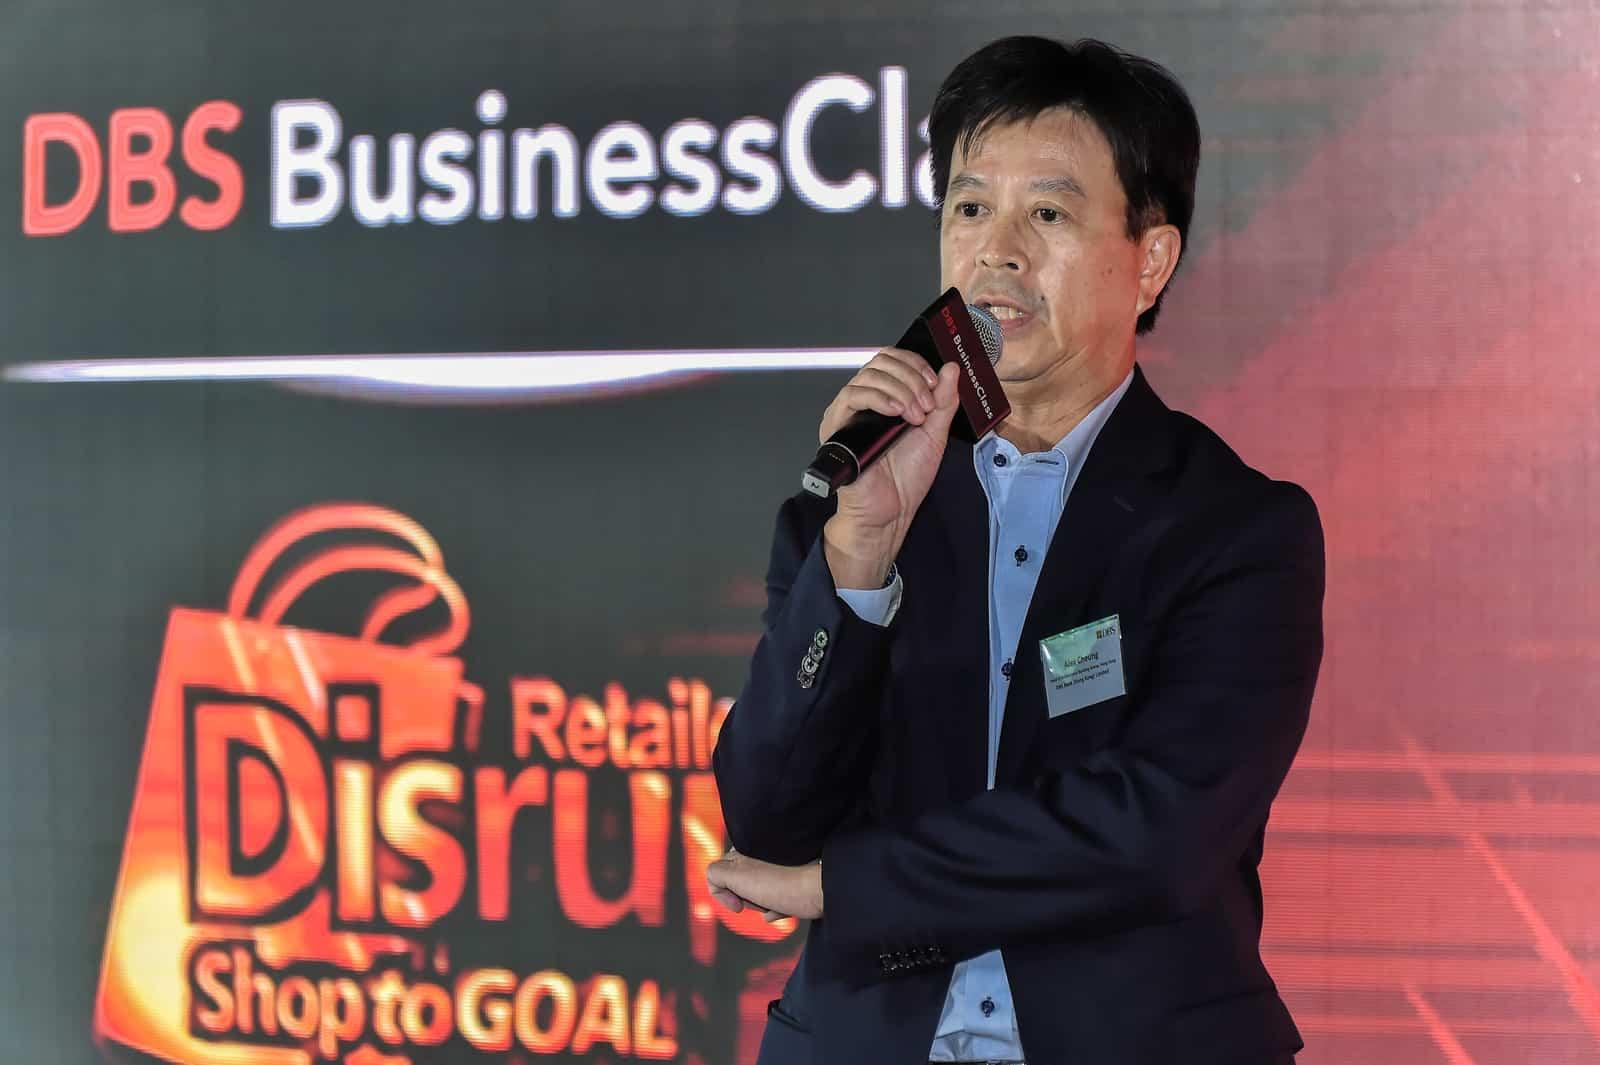 星展銀行(香港)董事總經理兼企業及機構銀行總監張建生 (Alex Cheung)先生為 DBS BusinessClass 零售業創新科技活動主持開幕演講。